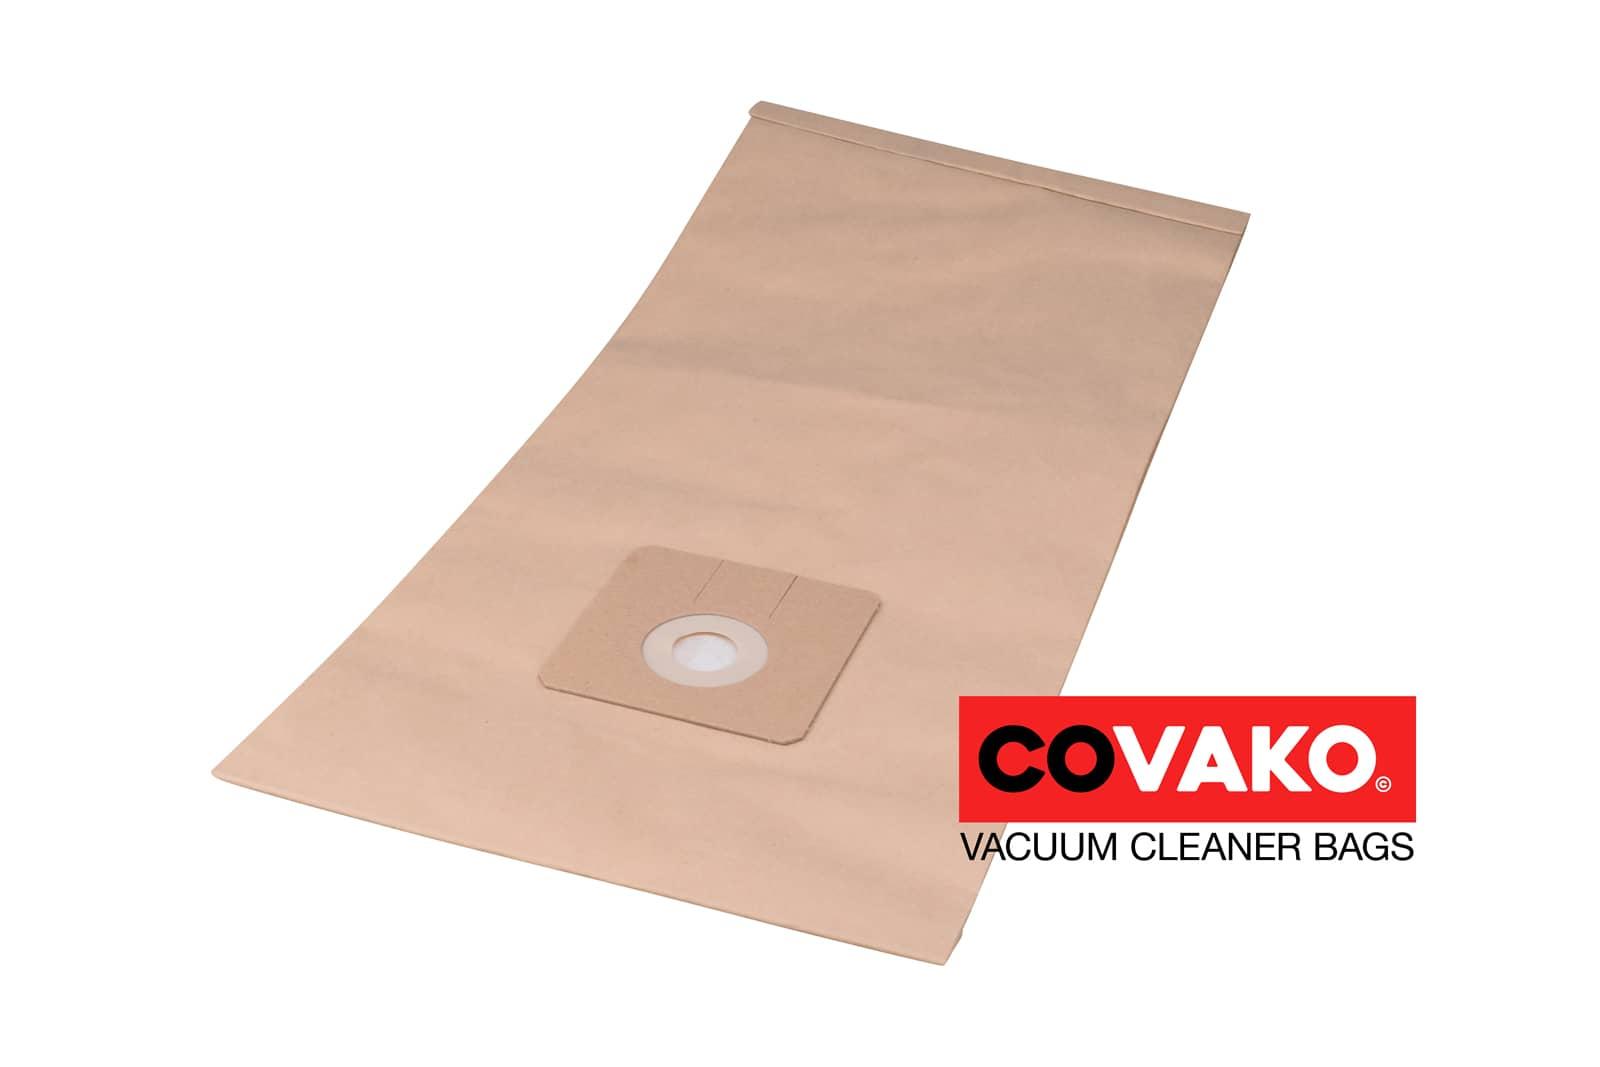 Comac 25 Eco plus / Papier - Comac sacs d'aspirateur